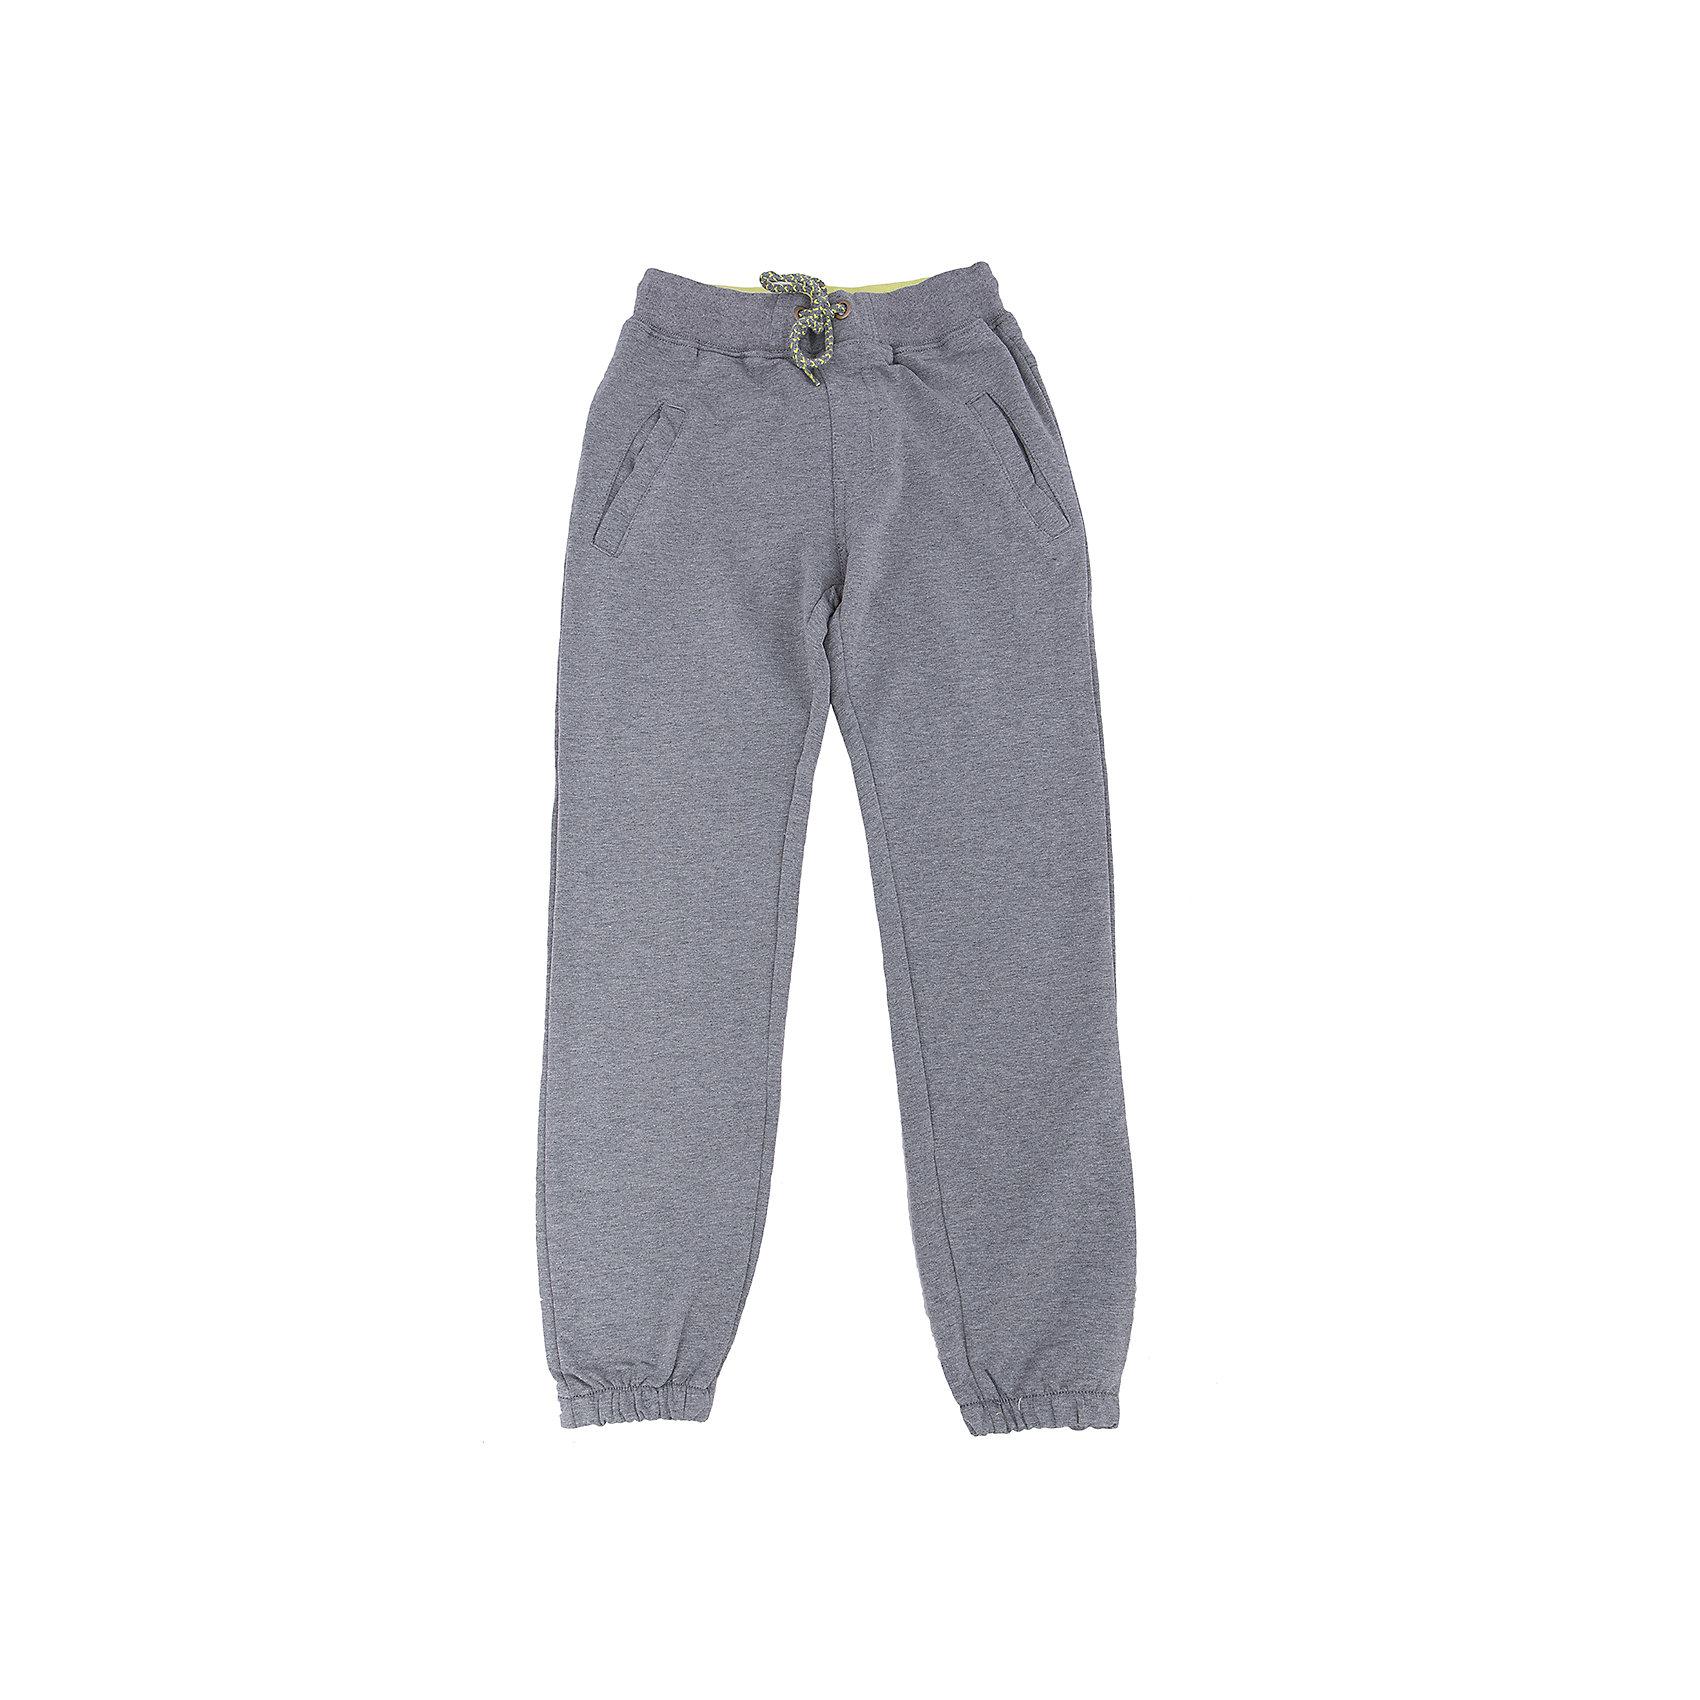 Брюки для мальчика LuminosoСпортивная форма<br>Характеристики товара:<br><br>- цвет: серый;<br>- материал: 95% хлопок 5% эластан;<br>- трикотаж;<br>- мягкая резинка и шнурок в поясе.<br><br>Стильная одежда от бренда Luminoso (Люминосо), созданная при участии итальянских дизайнеров, учитывает потребности подростков и последние веяния моды. Она удобная и модная.<br>Эти стильные спортивные брюки отлично впишутся в гардероб мальчика. Они хорошо сидят на ребенке, обеспечивают комфорт и отлично сочетаются с одежной разных стилей. Модель отличается высоким качеством материала и продуманным дизайном. Натуральный хлопок в составе изделия делает его дышащим, приятным на ощупь и гипоаллергеным.<br><br>Брюки для мальчика от бренда Luminoso (Люминосо) можно купить в нашем интернет-магазине.<br><br>Ширина мм: 215<br>Глубина мм: 88<br>Высота мм: 191<br>Вес г: 336<br>Цвет: серый<br>Возраст от месяцев: 96<br>Возраст до месяцев: 108<br>Пол: Мужской<br>Возраст: Детский<br>Размер: 134,164,140,146,152,158<br>SKU: 4930844